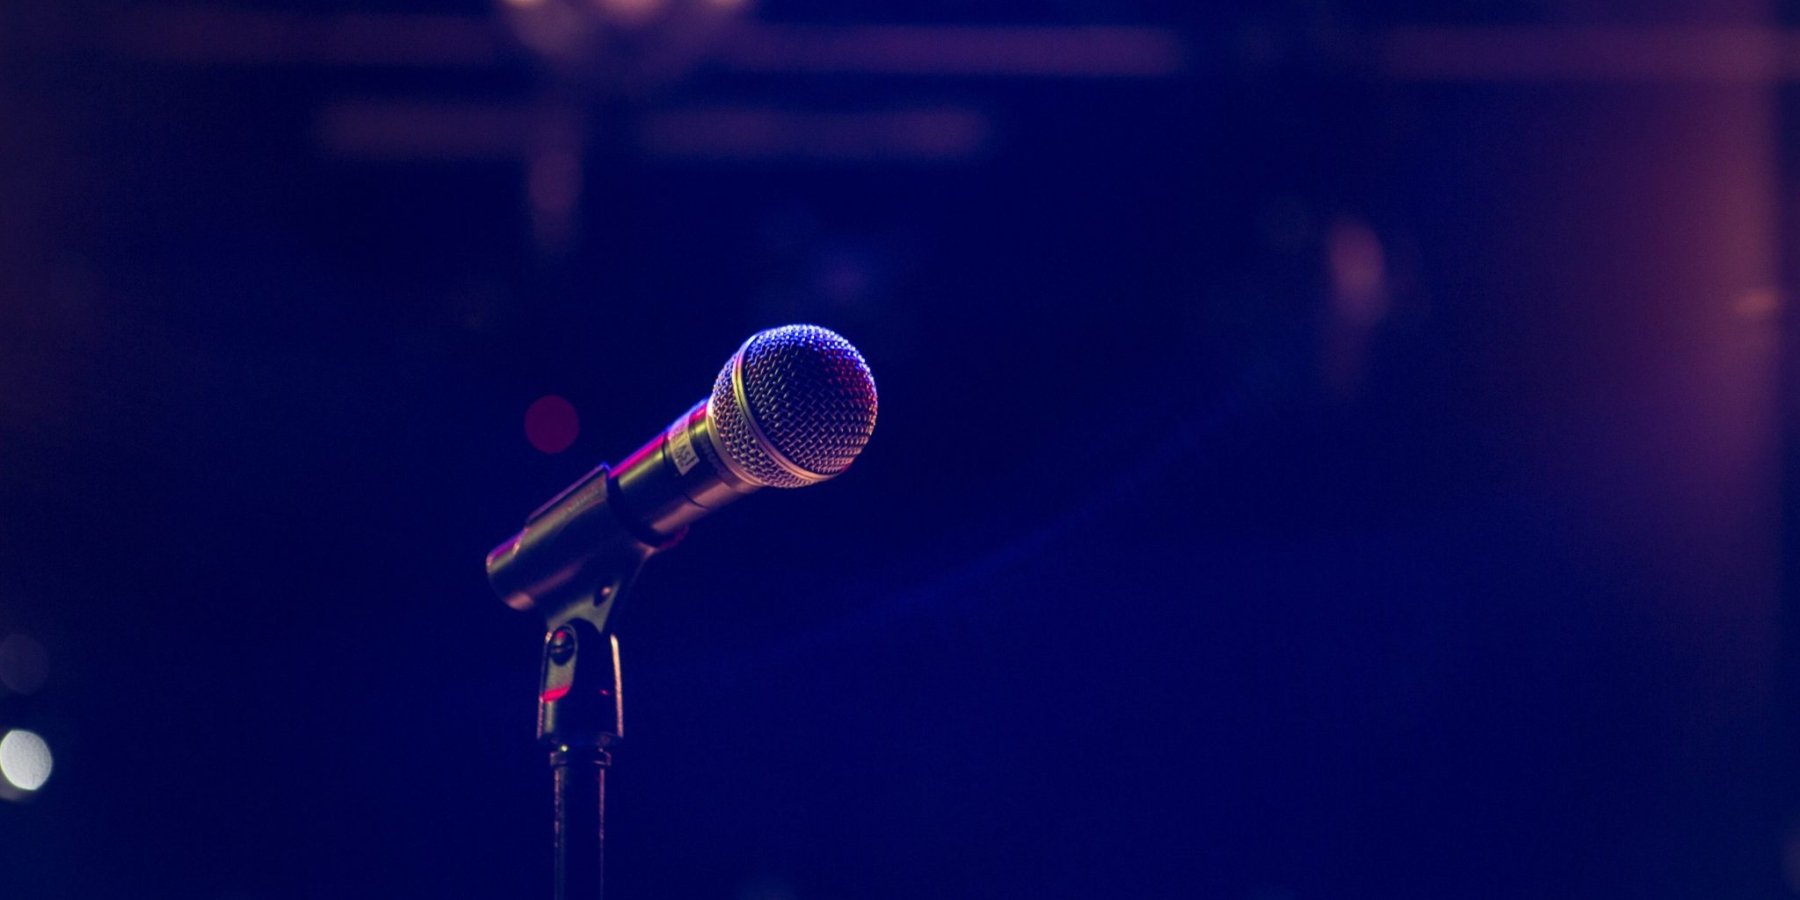 15 komików, 120 występów miesięcznie. Stand-up Polska robi biznes narozbawianiu ludzi